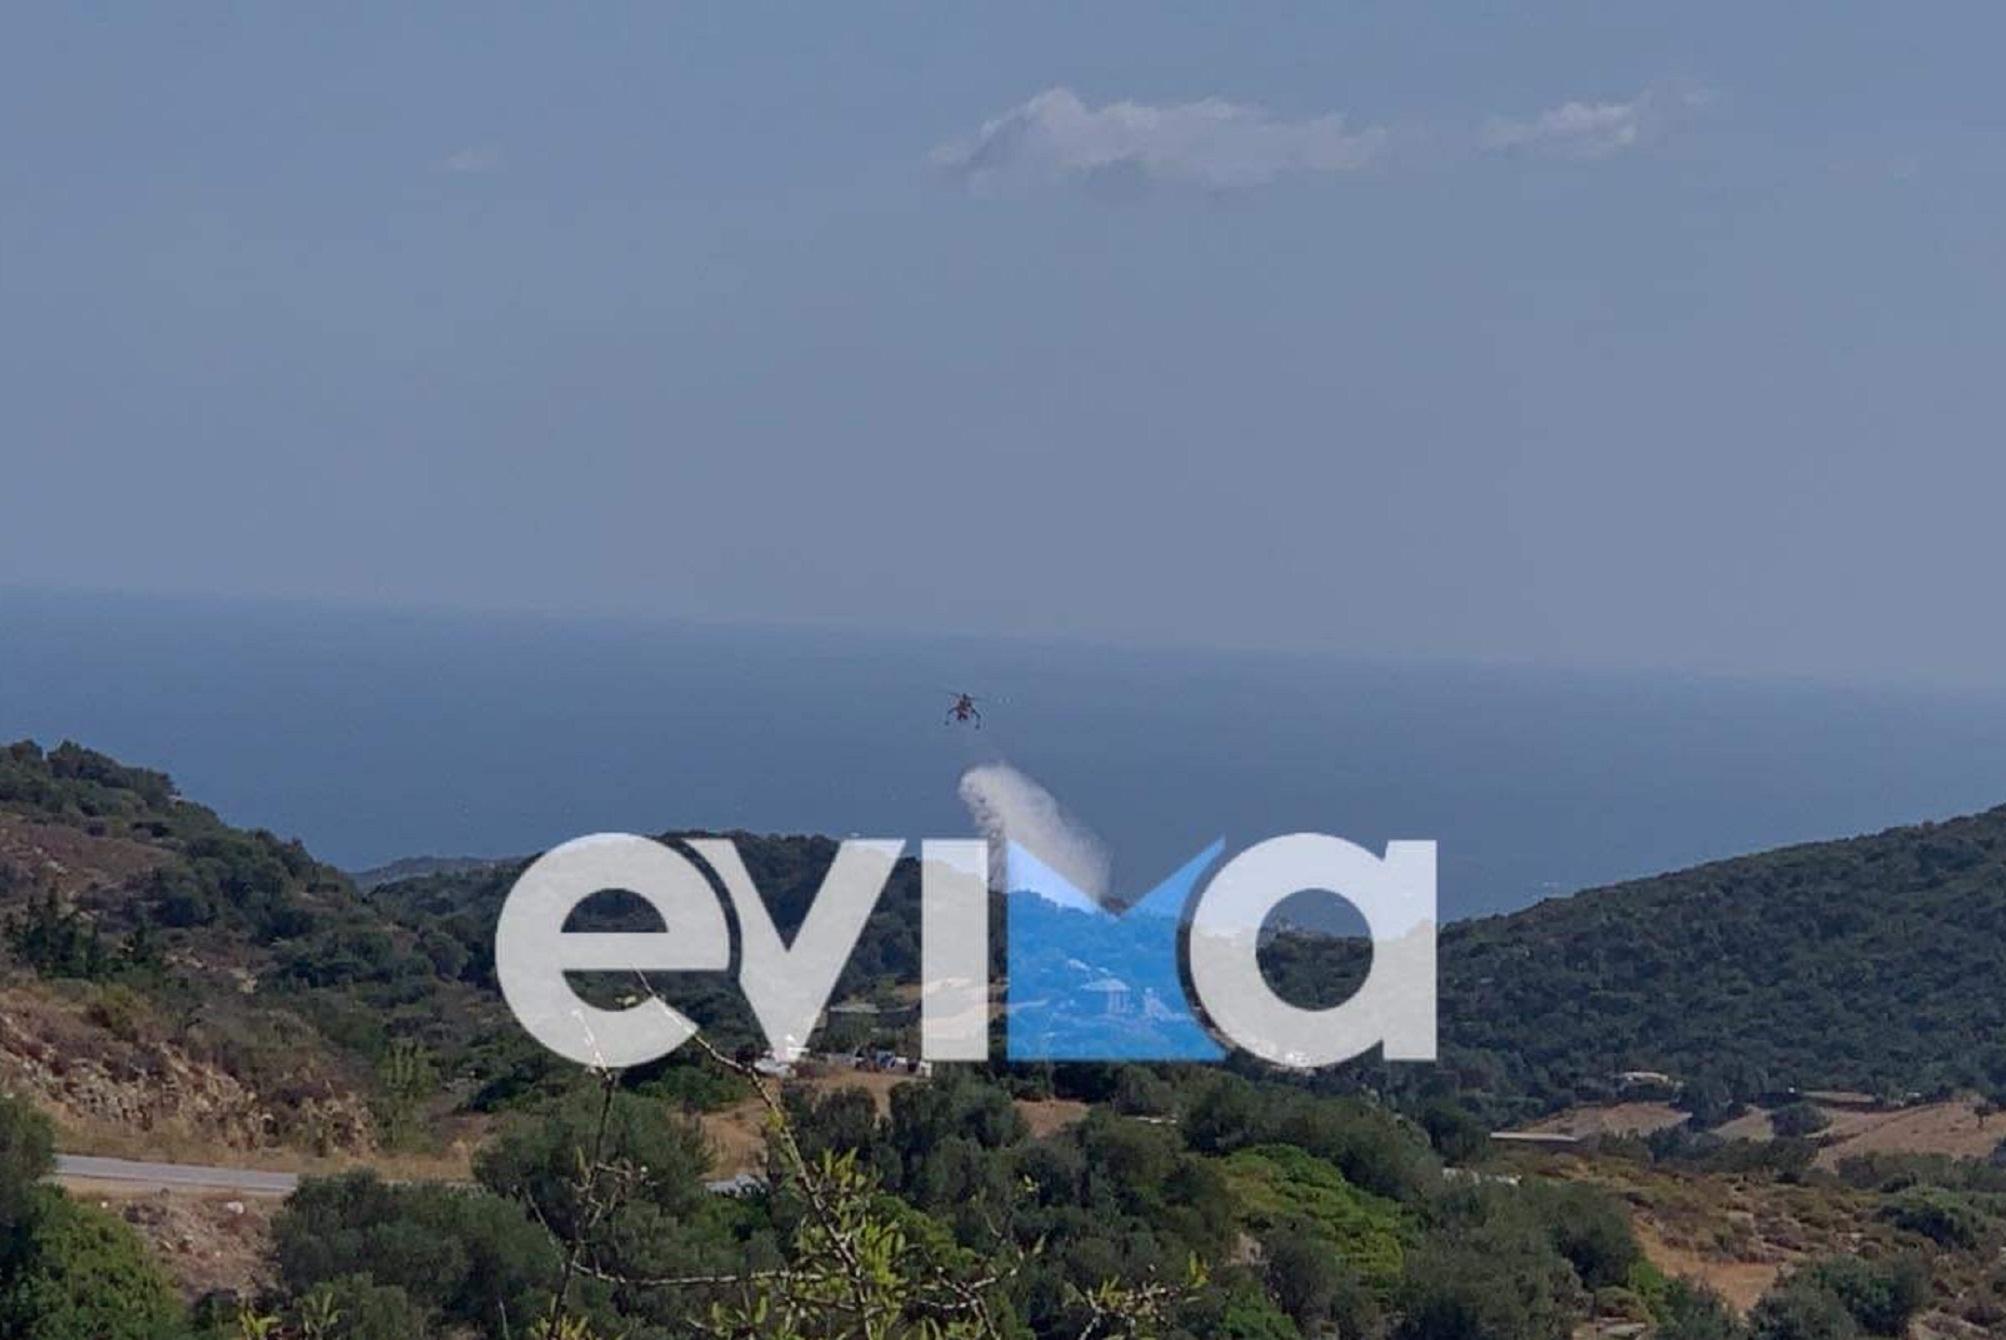 Φωτιά στις Πετριές: Εμπρησμό καταγγέλει στο newsit.gr ο δήμαρχος – Ισχυρές δυνάμεις στην περιοχή